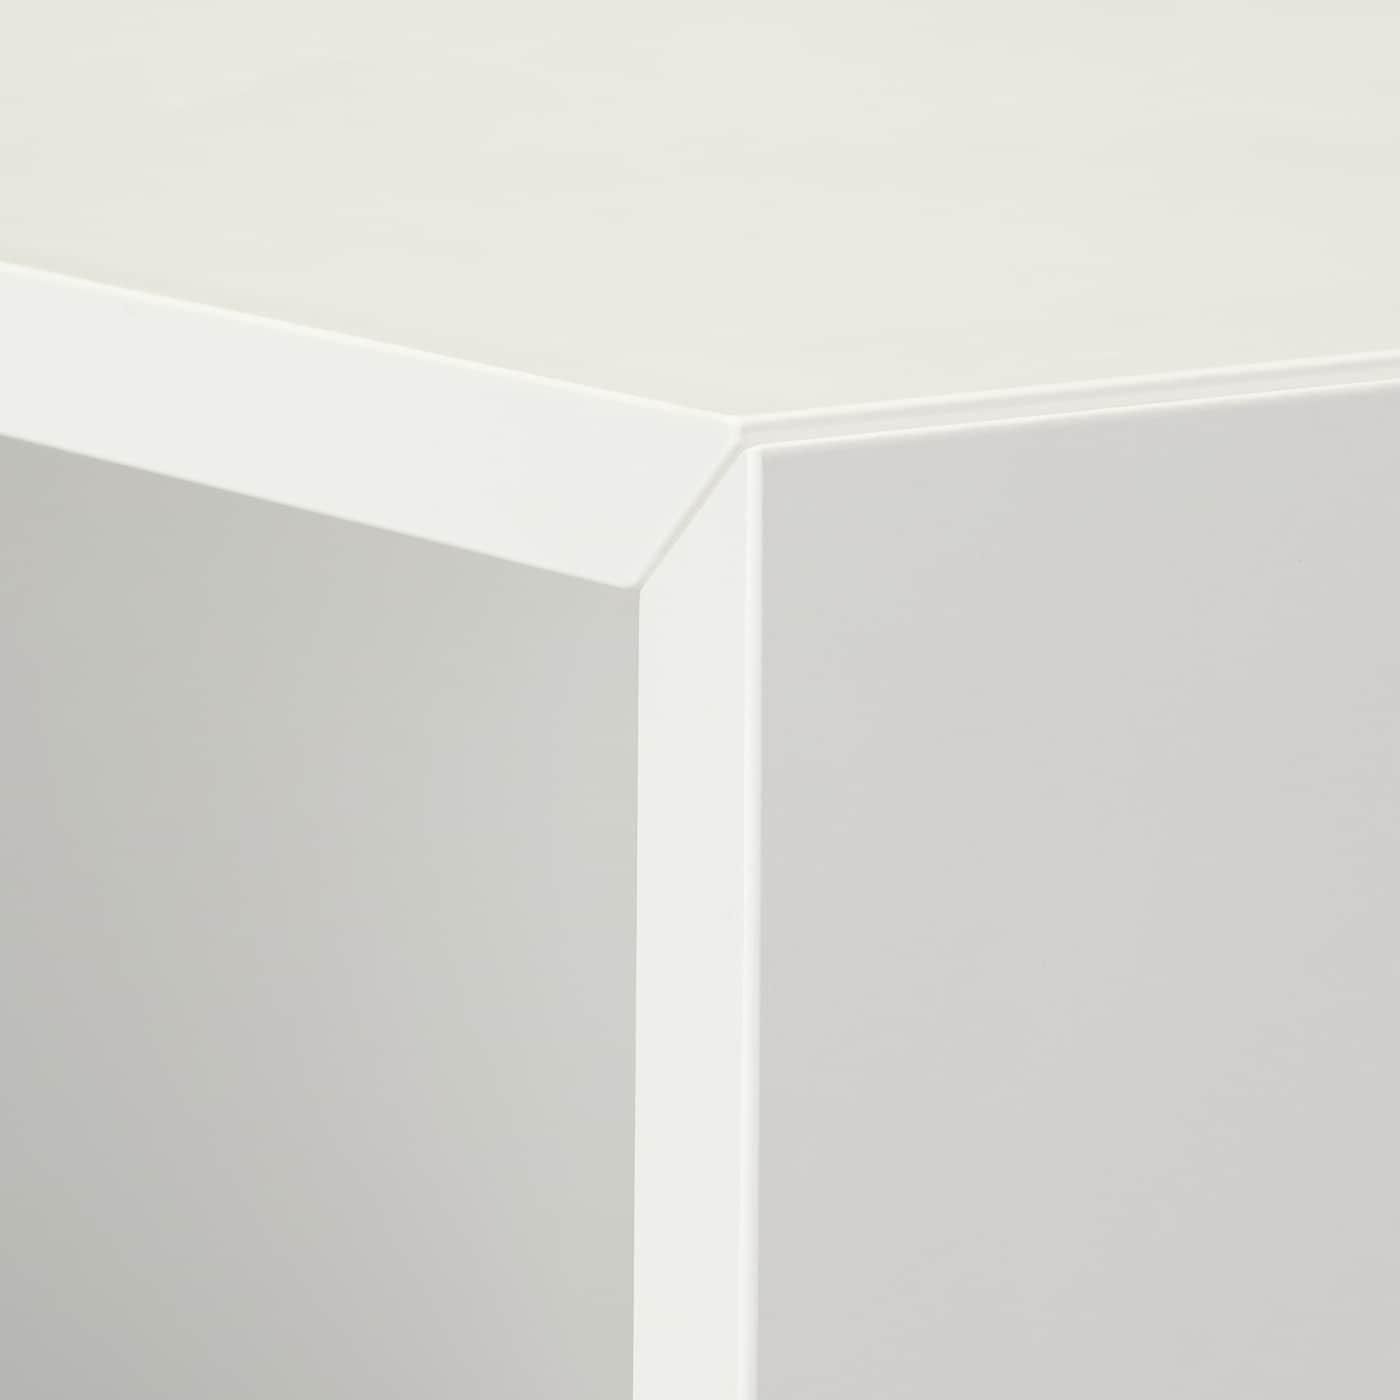 EKET Schrank mit 4 Fächern, weiß, 70x35x70 cm